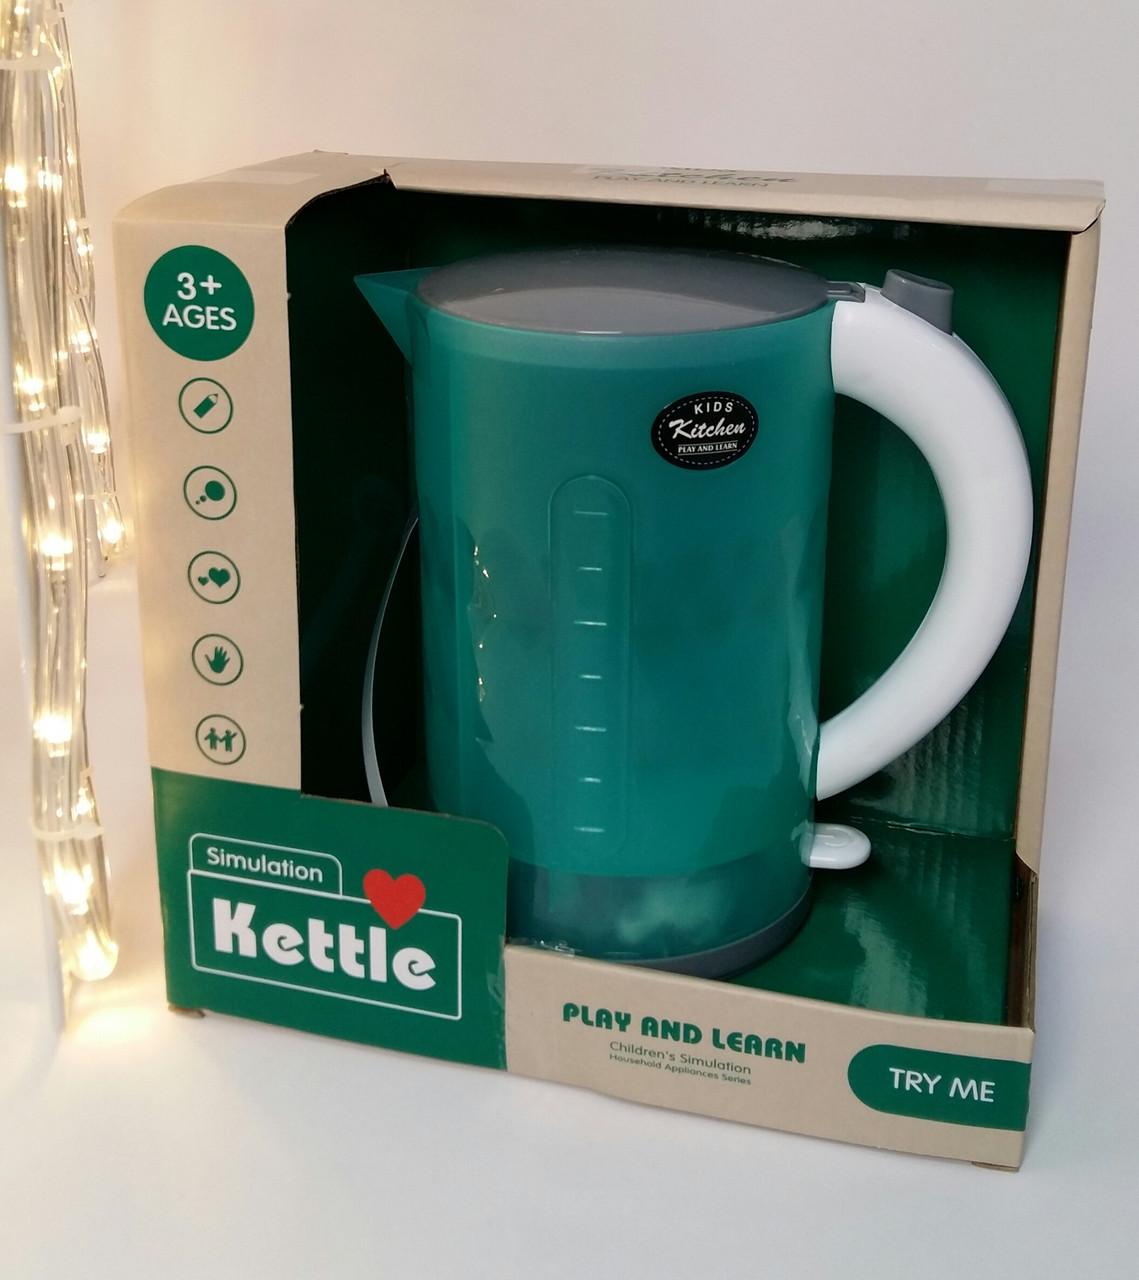 Чайник, игровой набор электрочайник, Kettle, свет, звук, в коробке 998-6